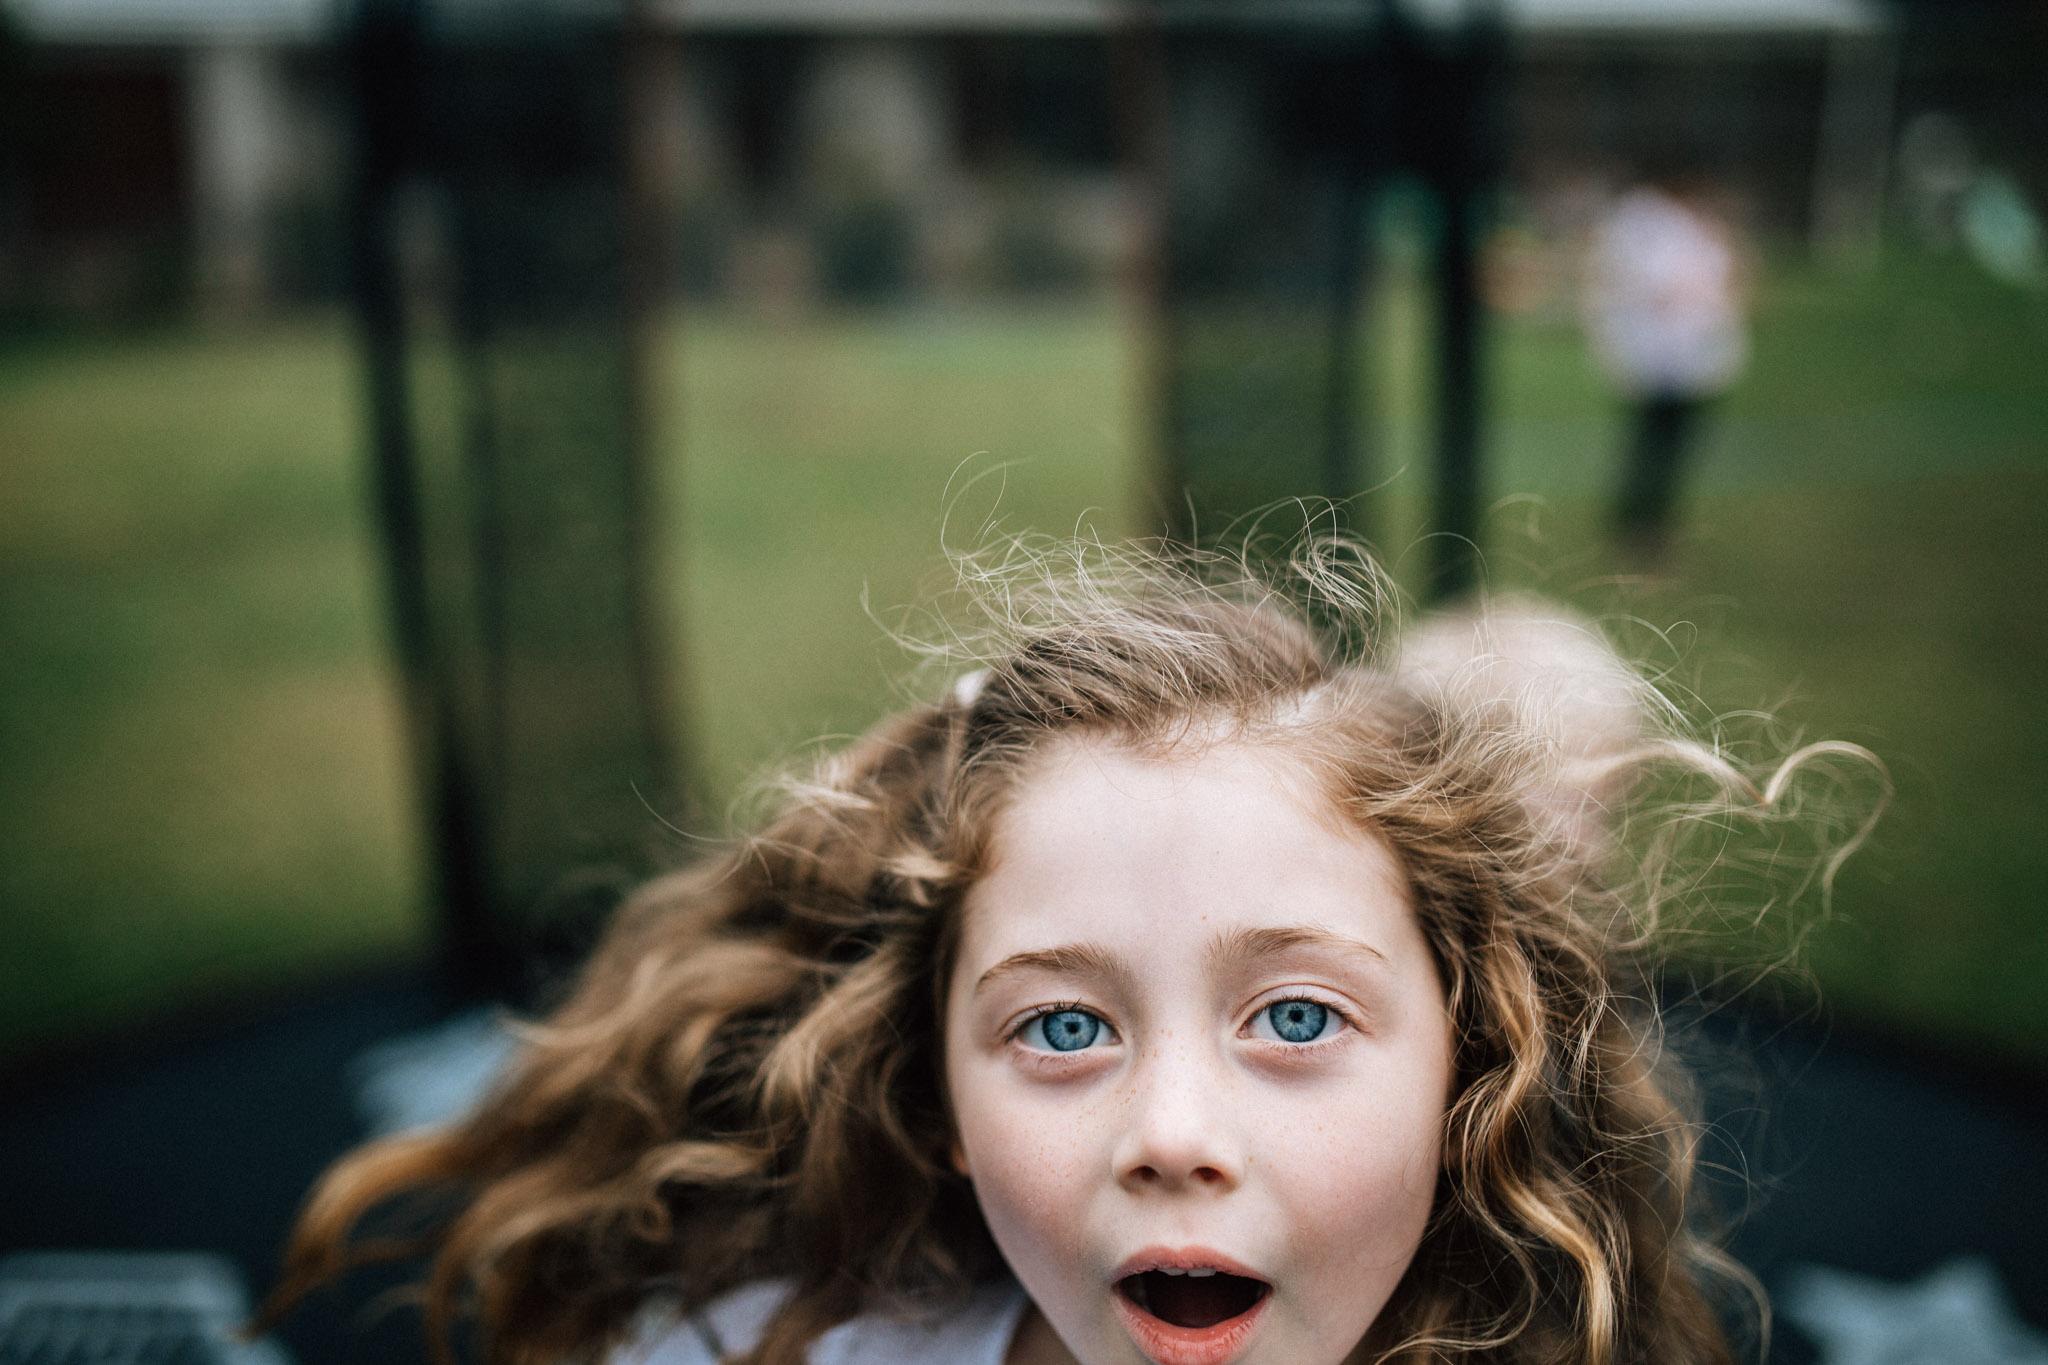 girl-on-trampoline-with-blonde-wavy-hair-III (1 of 1).jpg